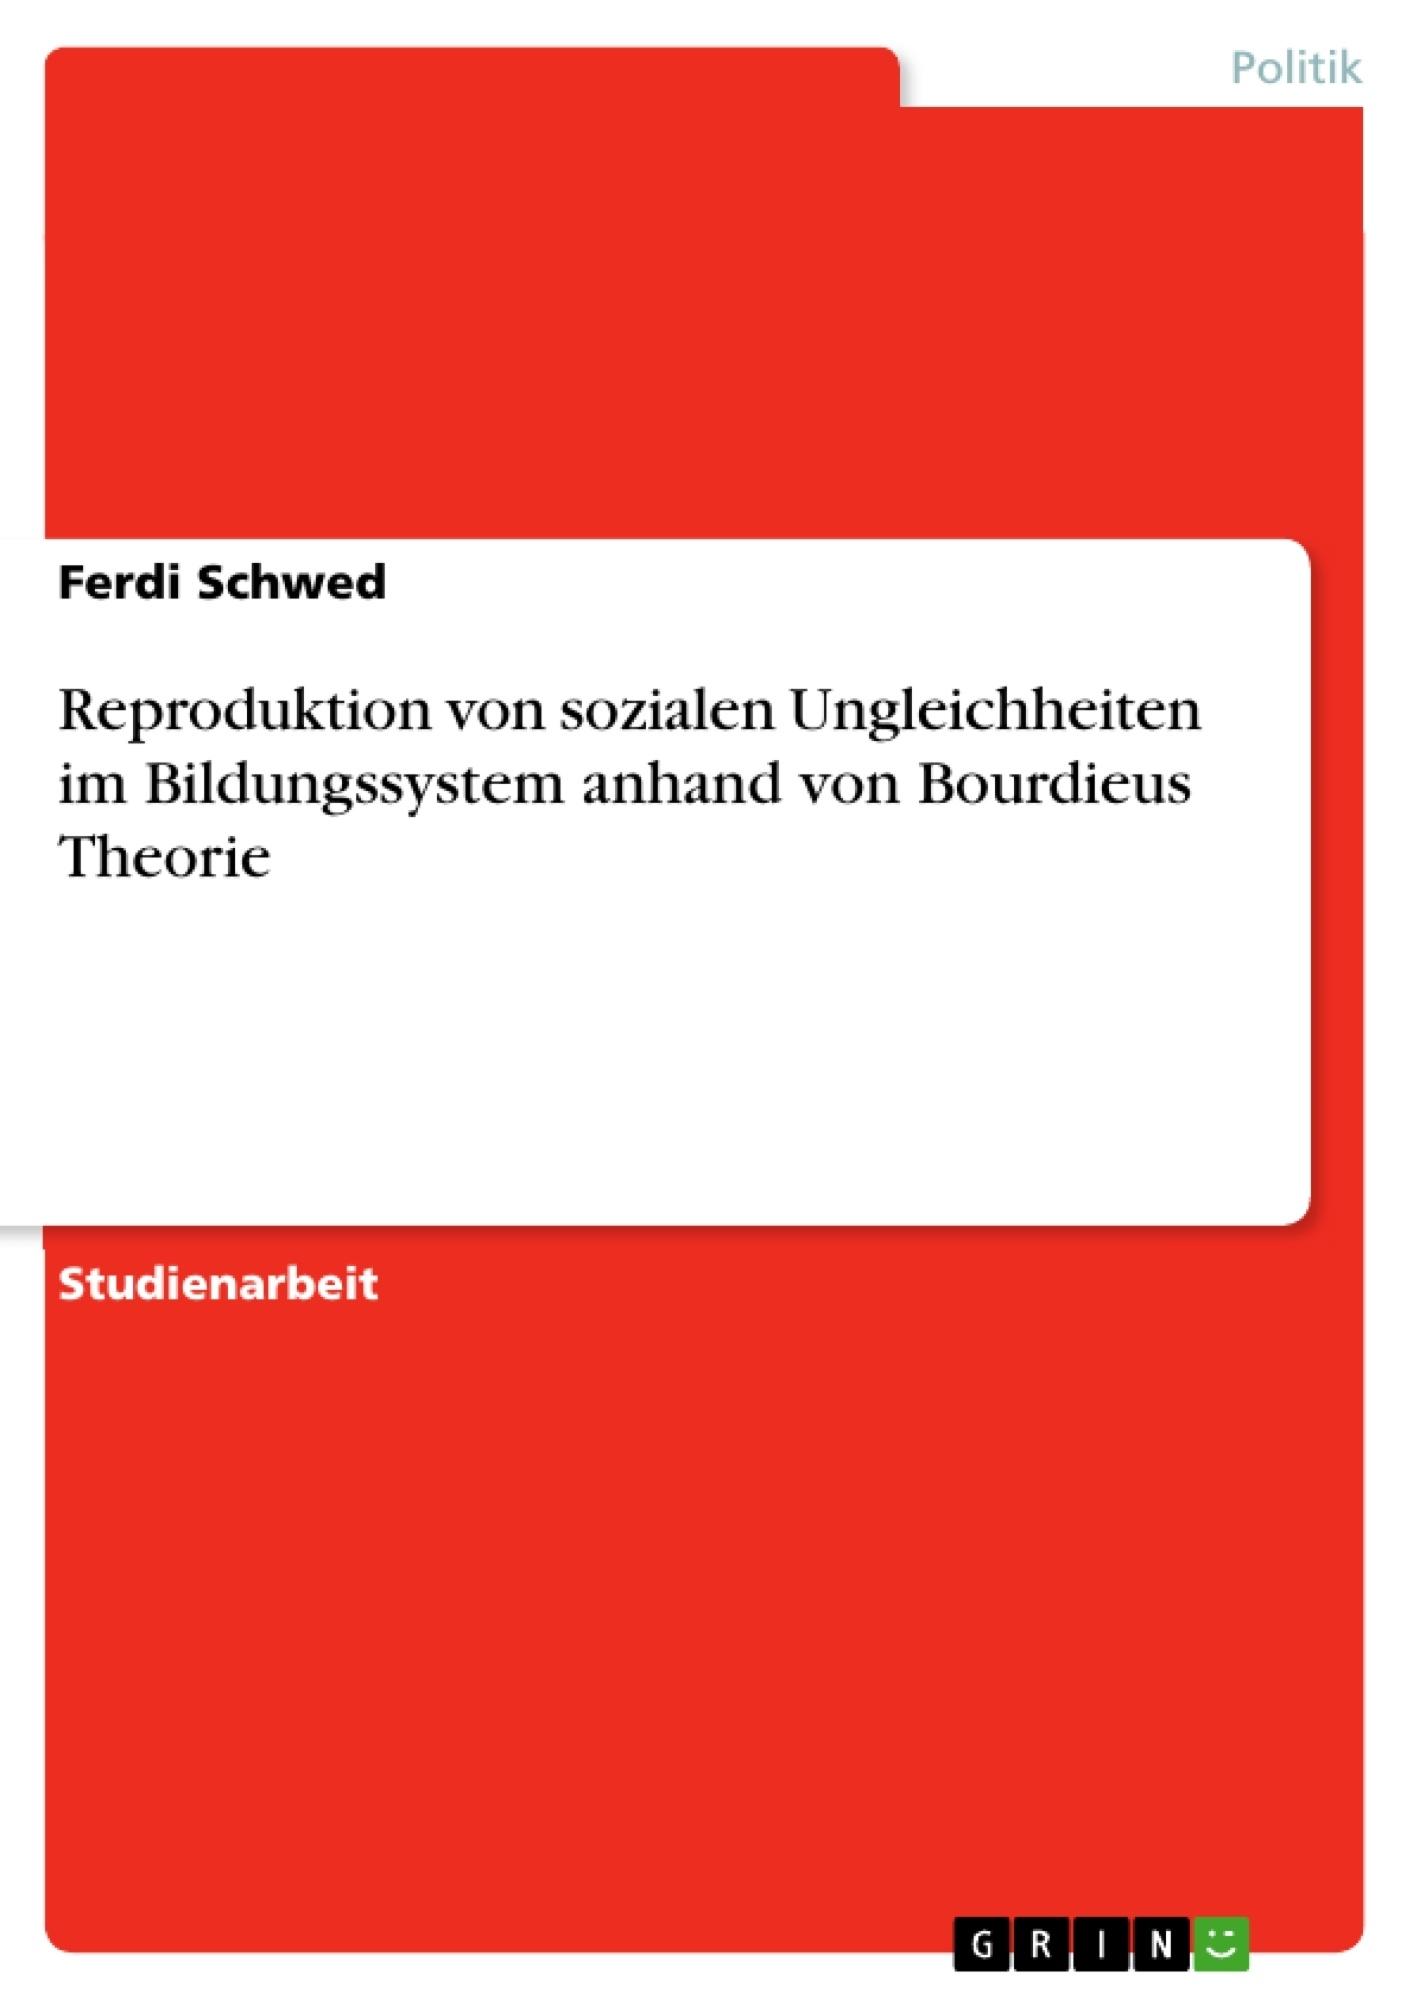 Titel: Reproduktion von sozialen Ungleichheiten im Bildungssystem anhand von Bourdieus Theorie